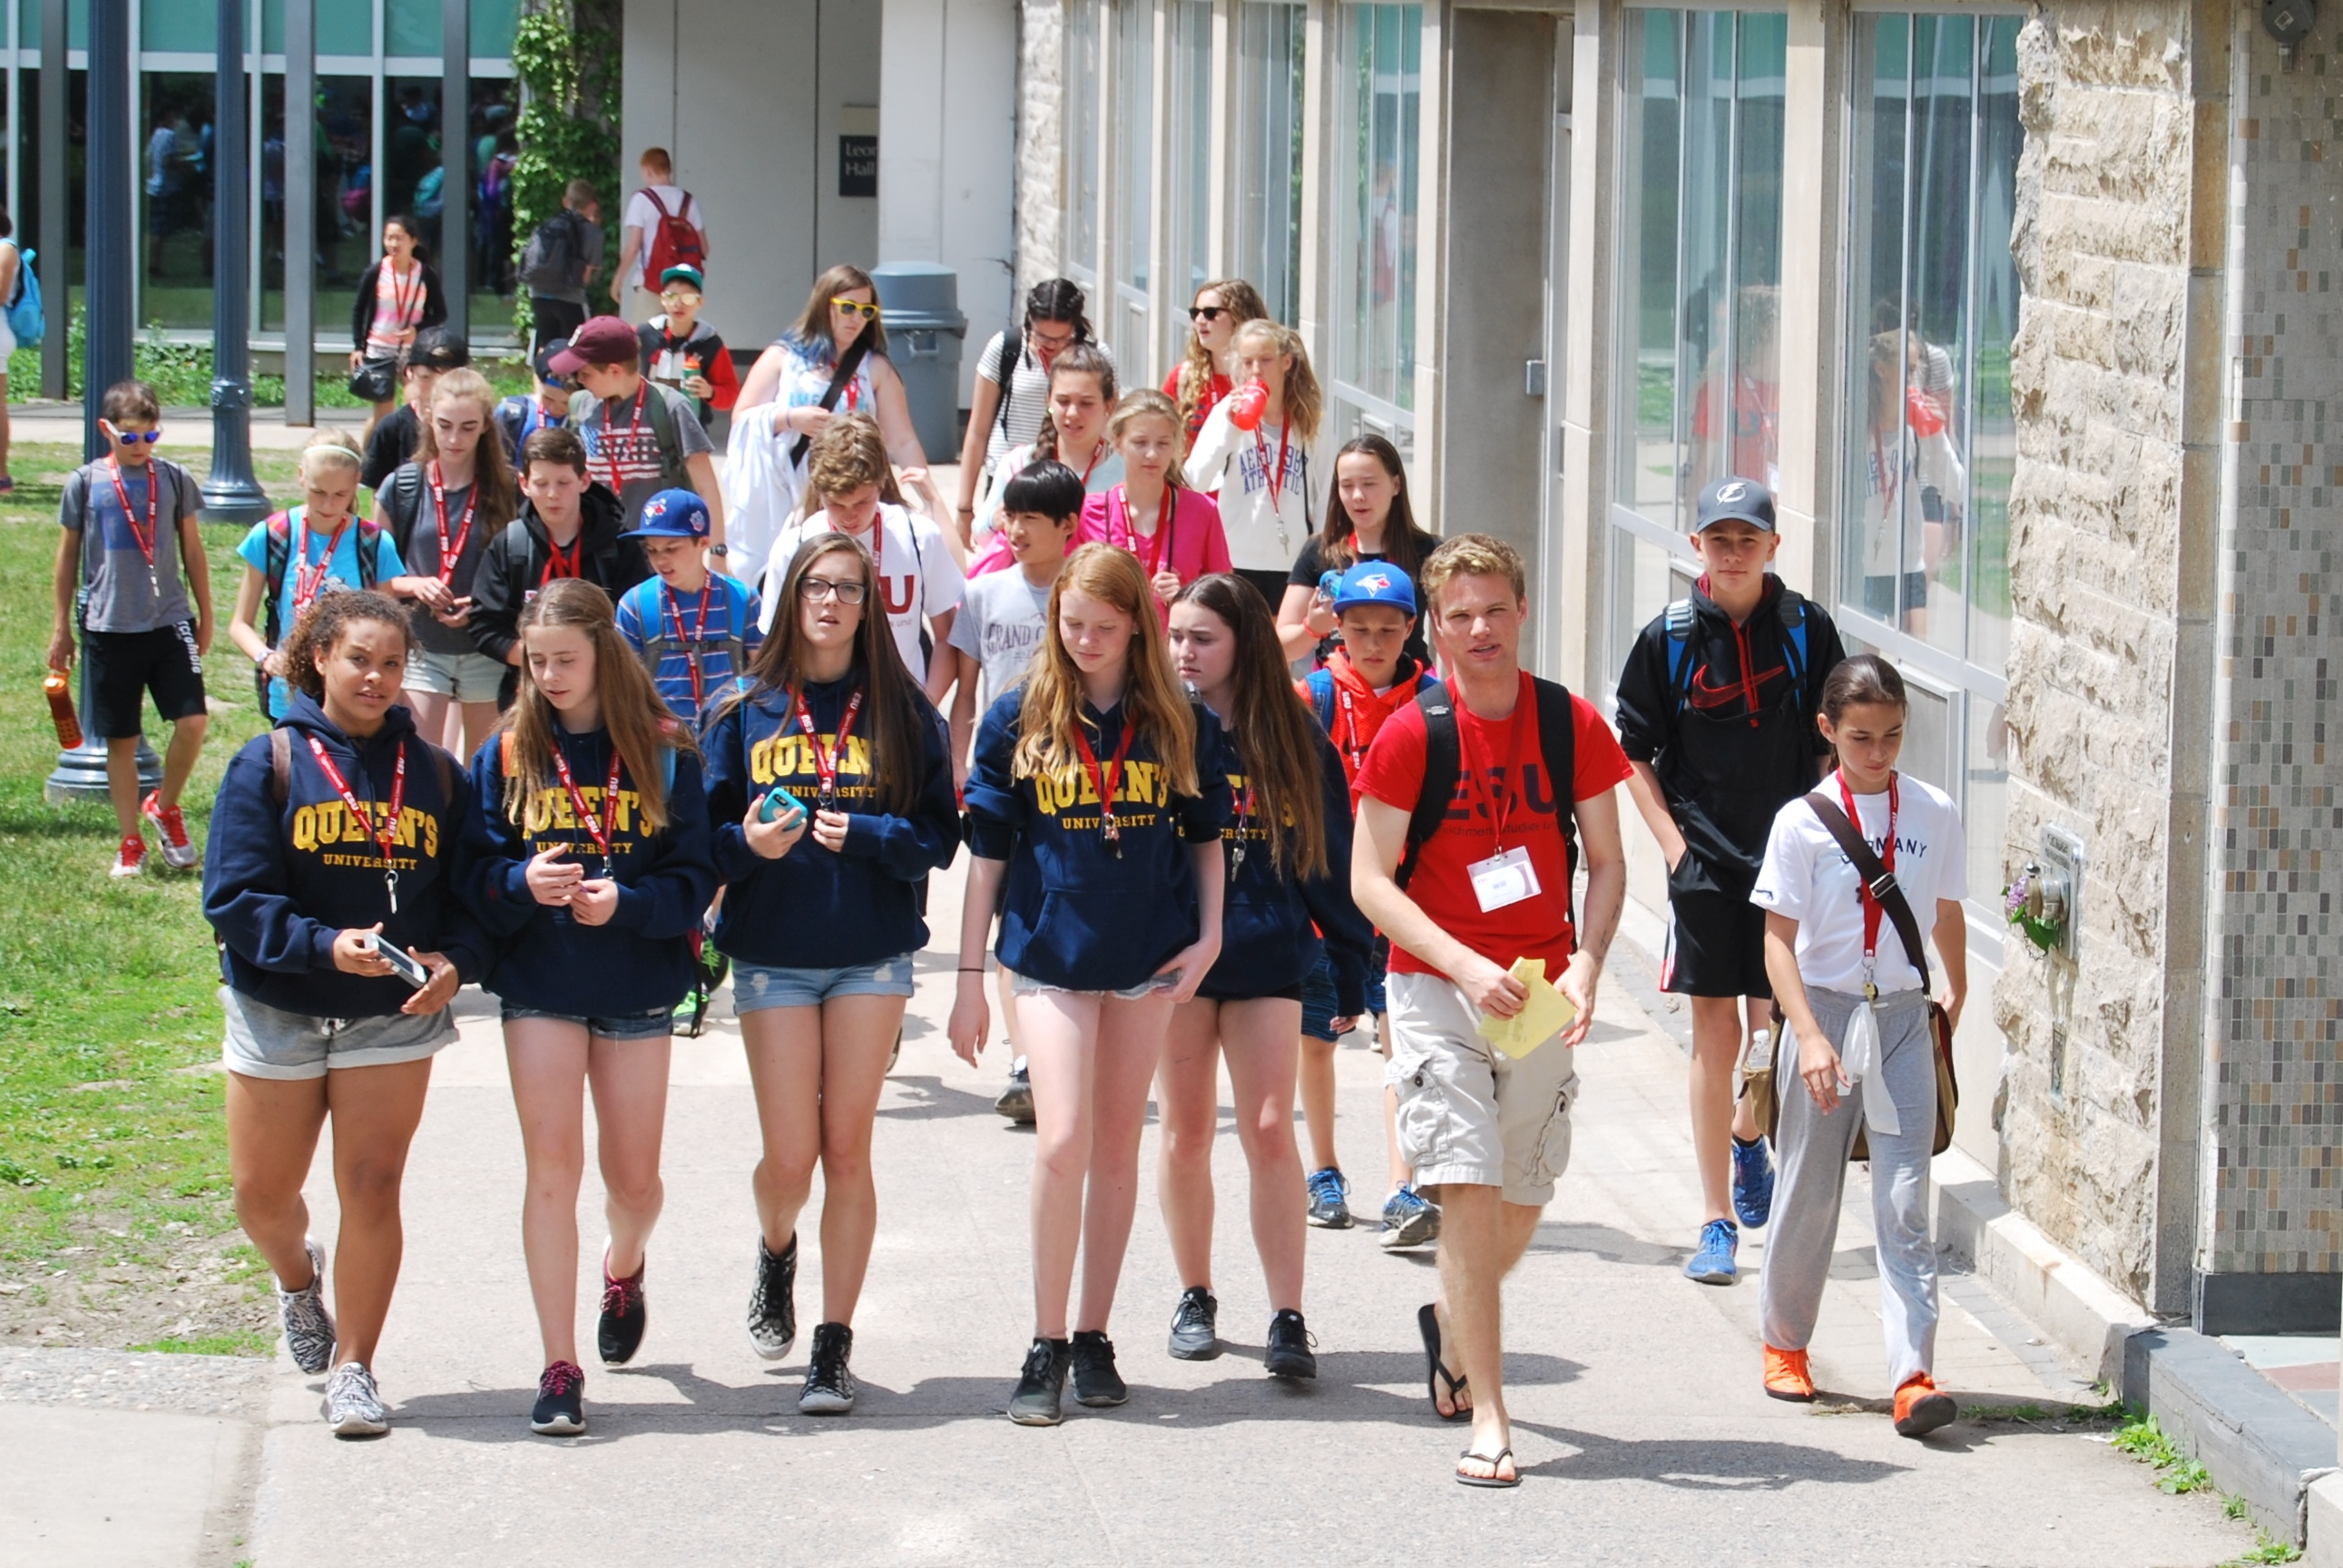 Summer Program - Environment | Enrichment Studies Unit at Queen's University